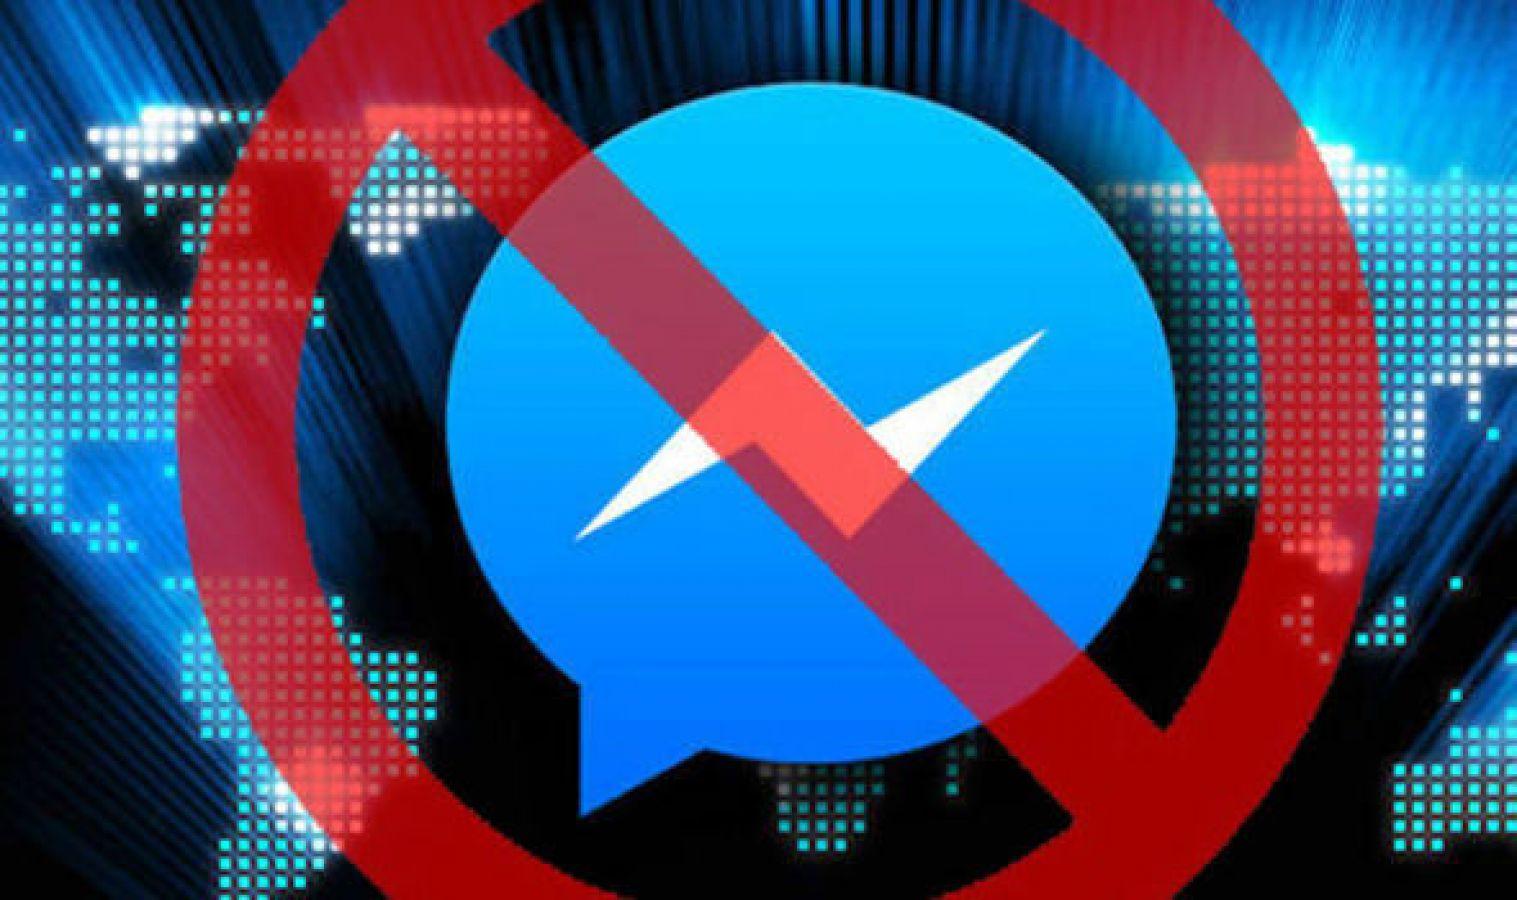 फेसबुक की सेवाएं हुई बाधित,  दुनियाभर के यूजर हुए परेशान